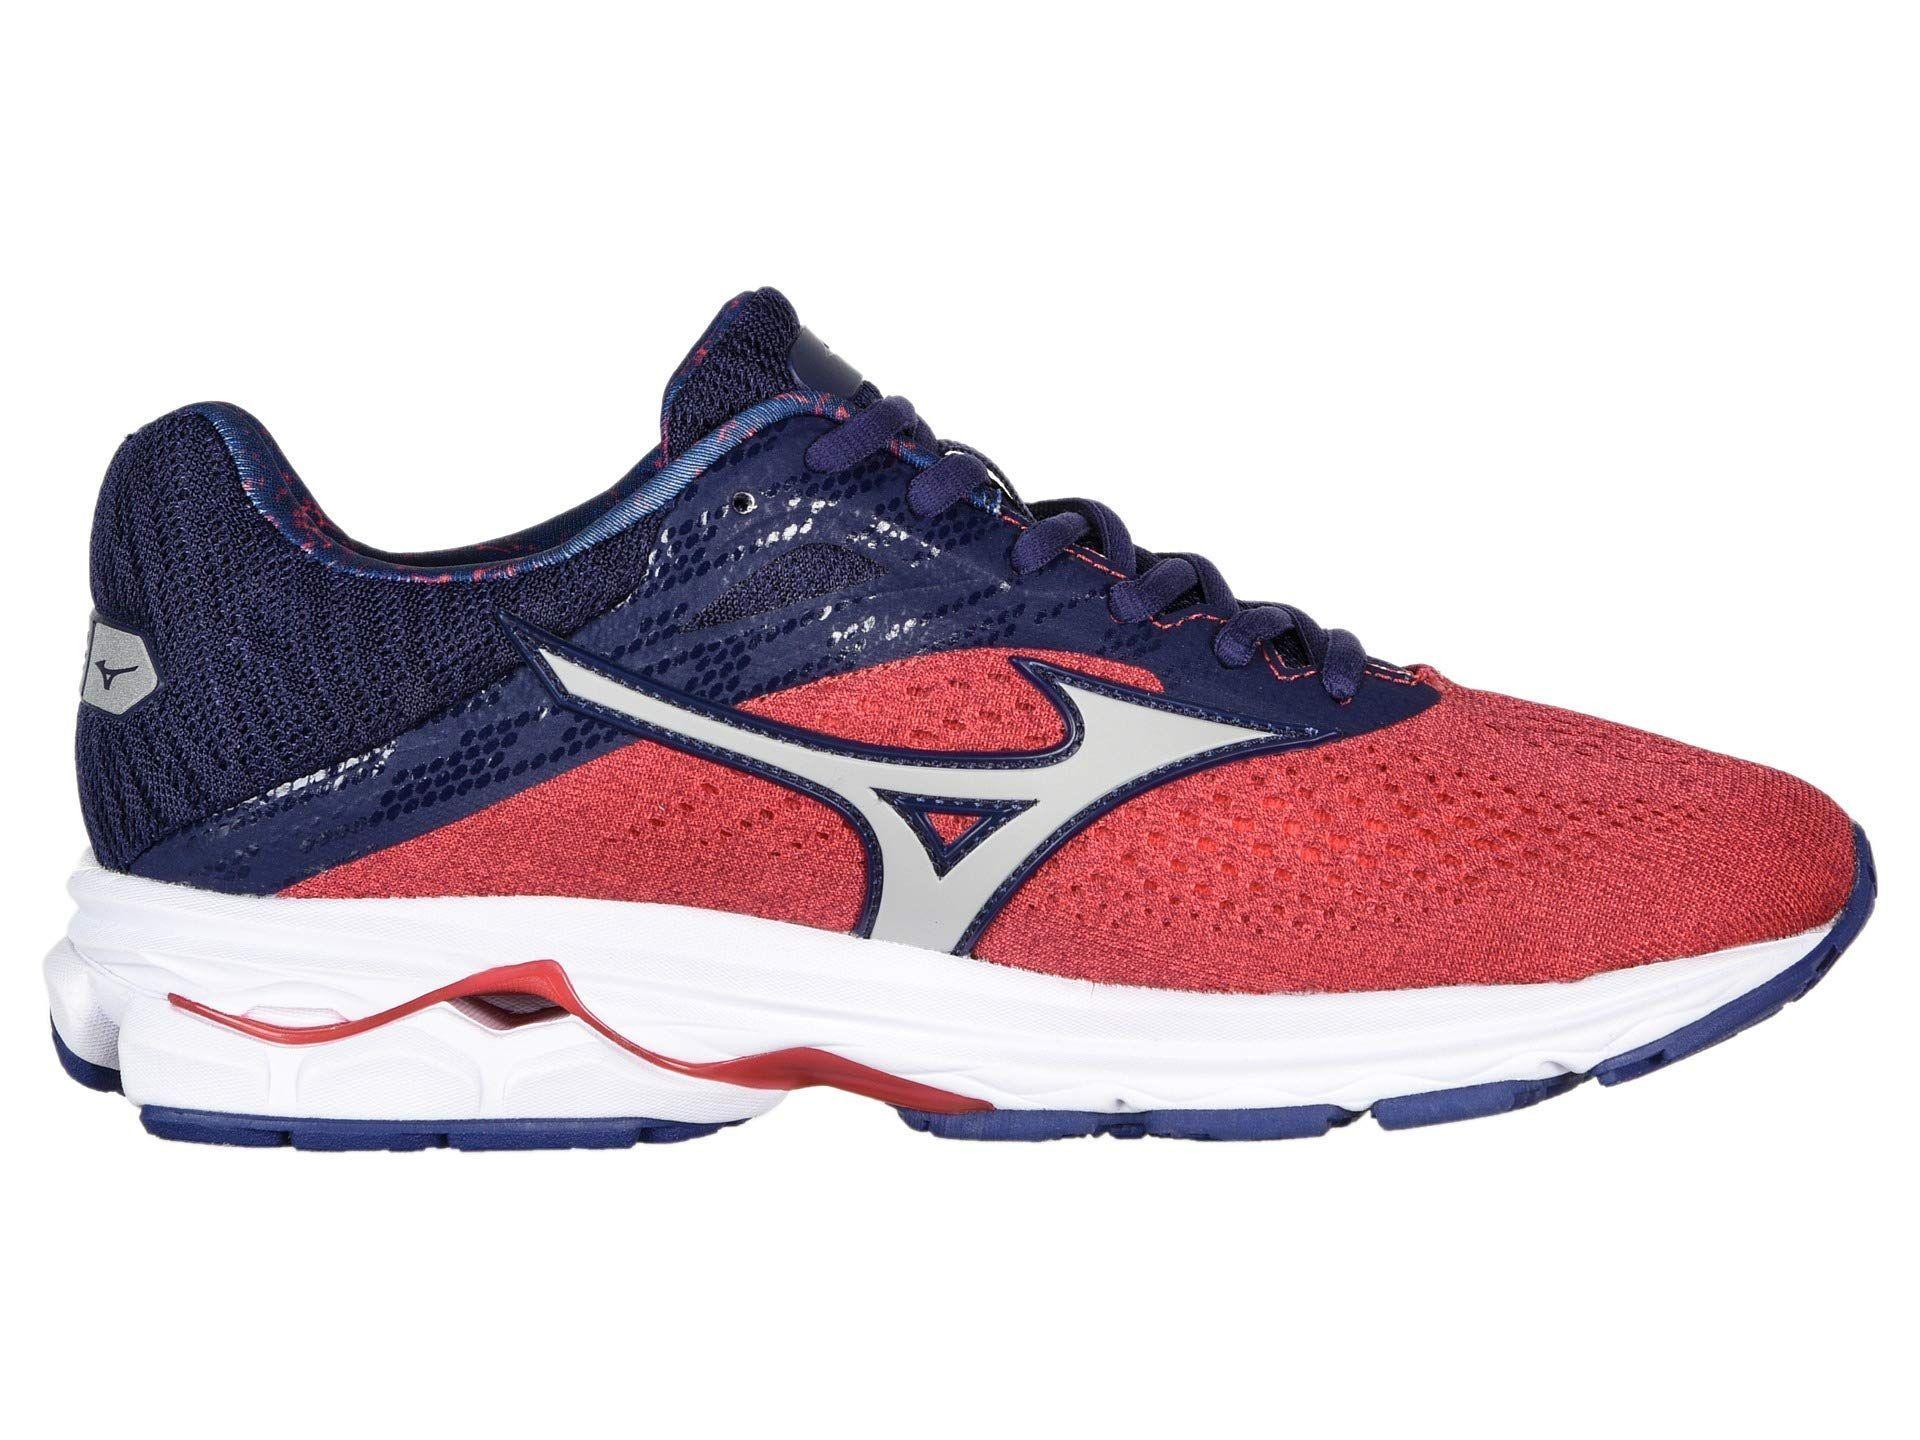 The Best Long Distance Running Shoes | Runner's World